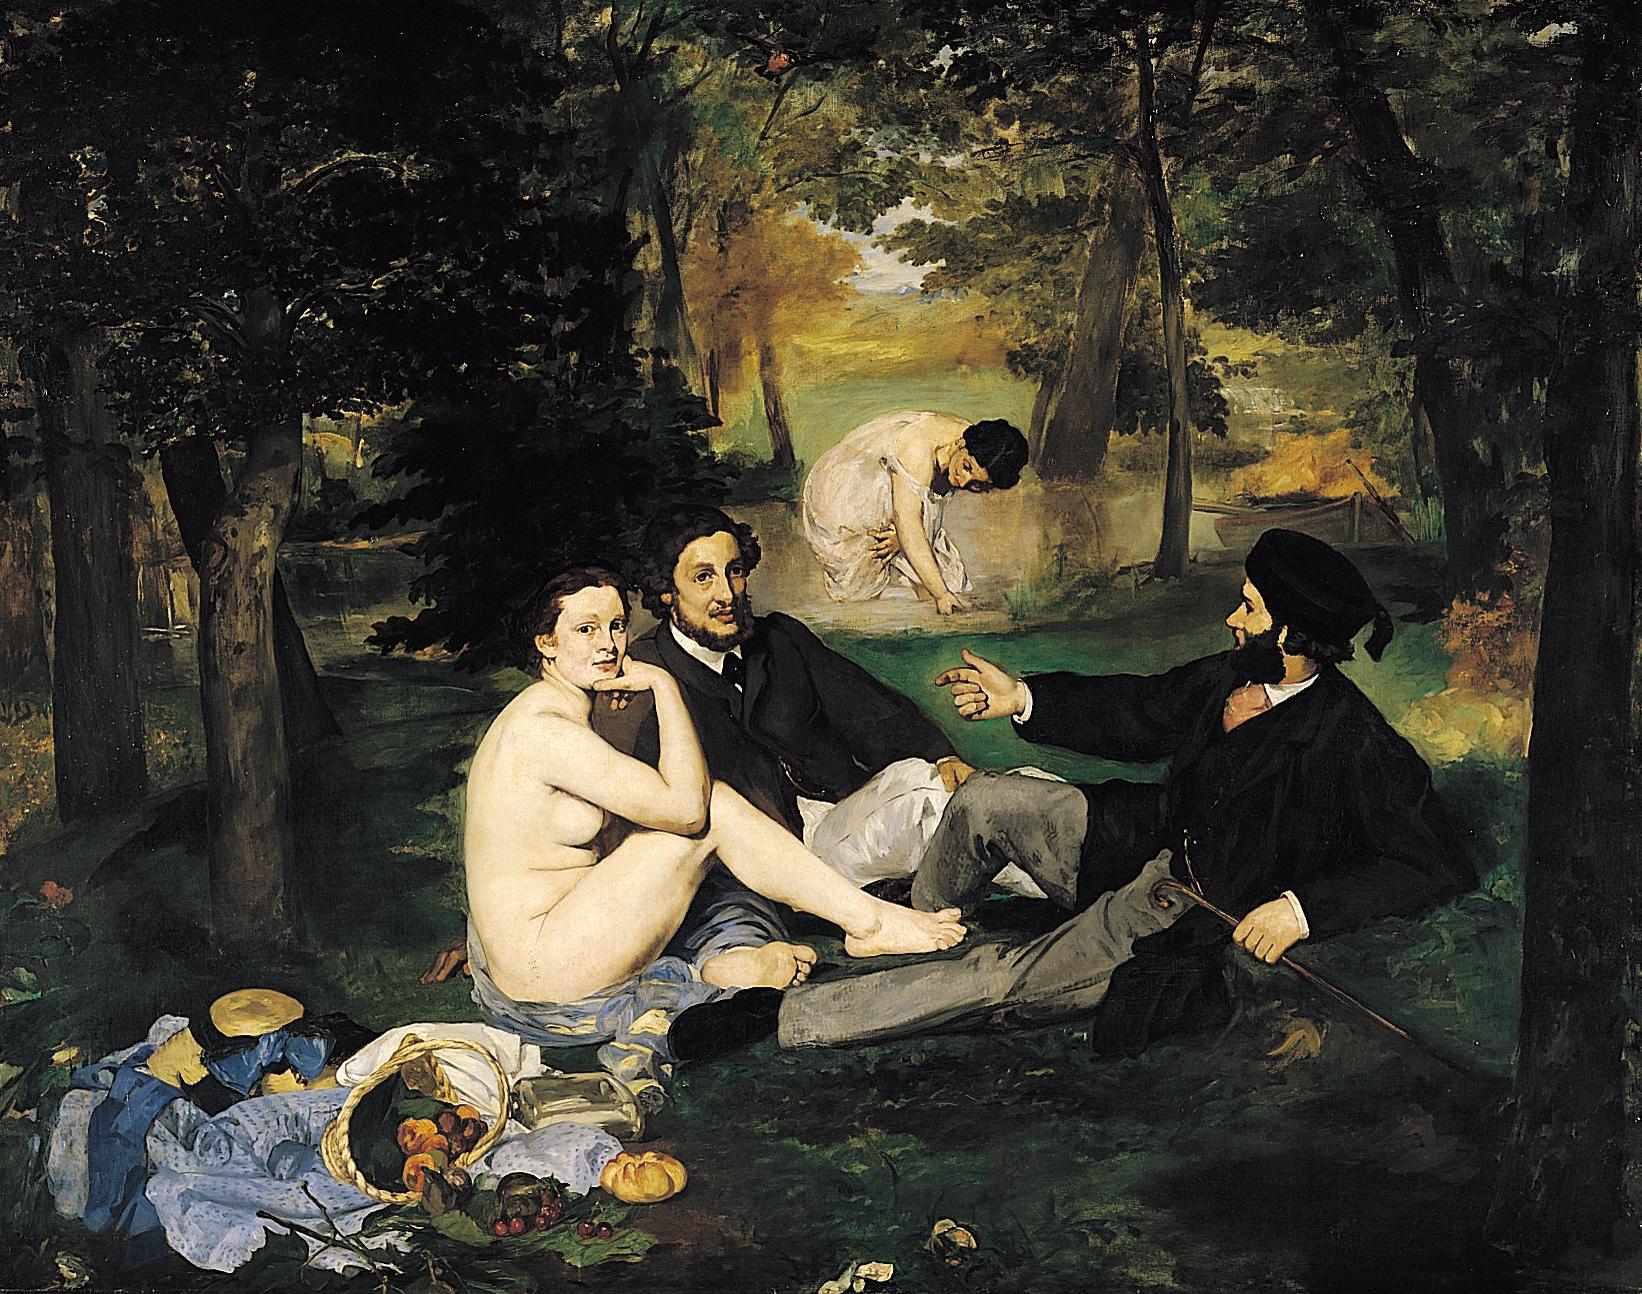 Édouard_Manet_-_Le_Déjeuner_sur_l'herbe